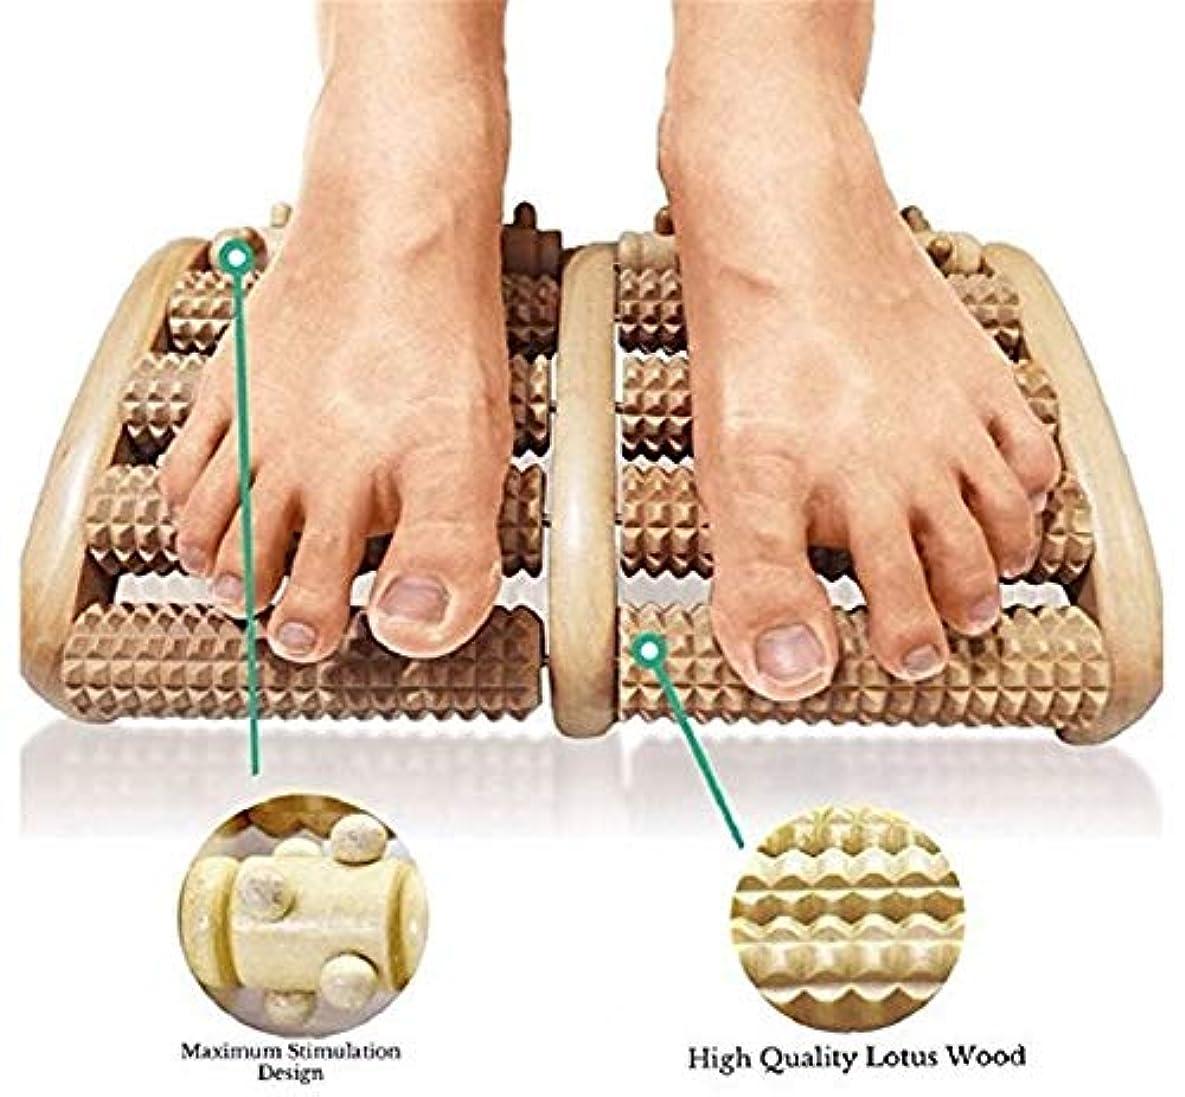 食欲広告主満了足のマッサージローラーは足底筋膜炎を和らげる痛み指圧マッサージリラックスナチュラル木製ギフト反射療法チャート家族のギフト